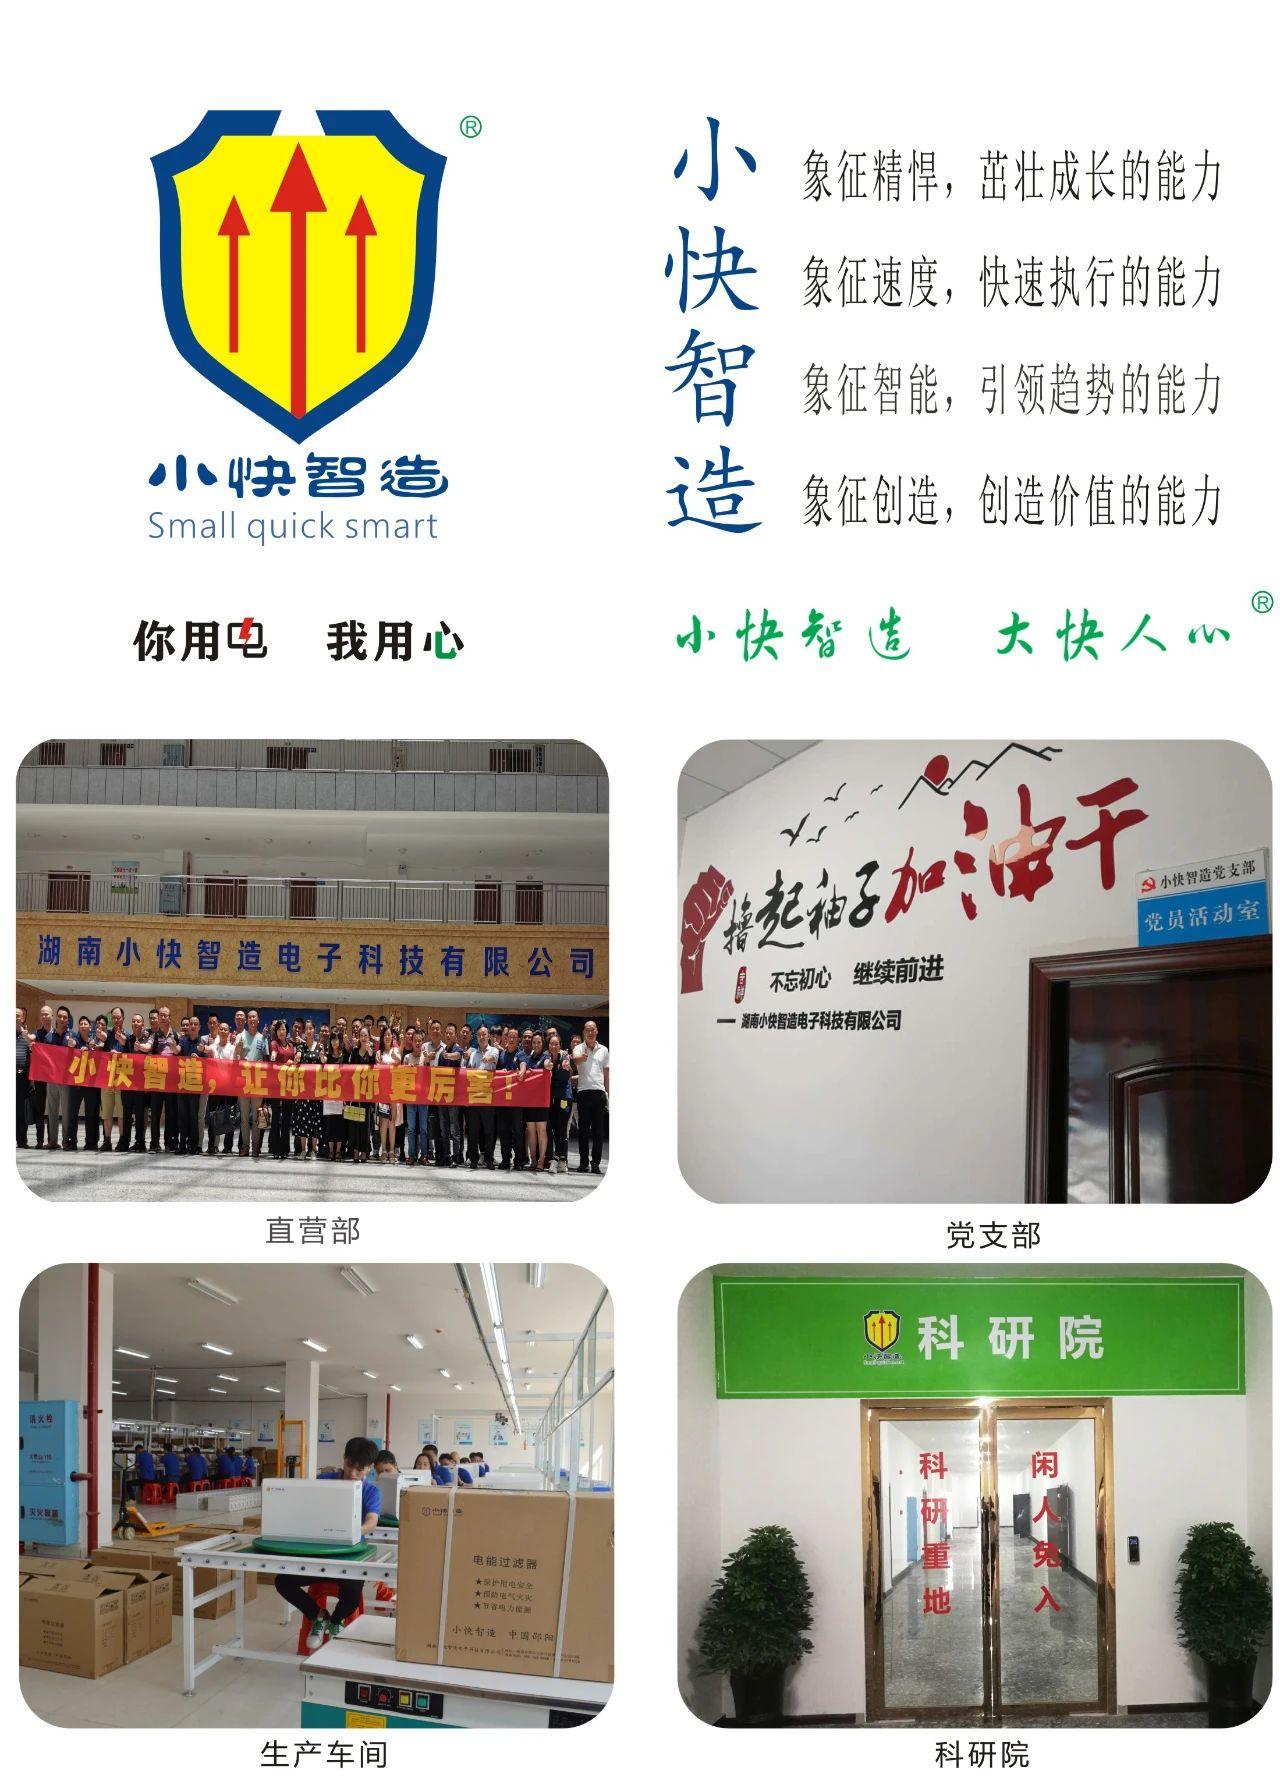 宣传页图片2.jpg